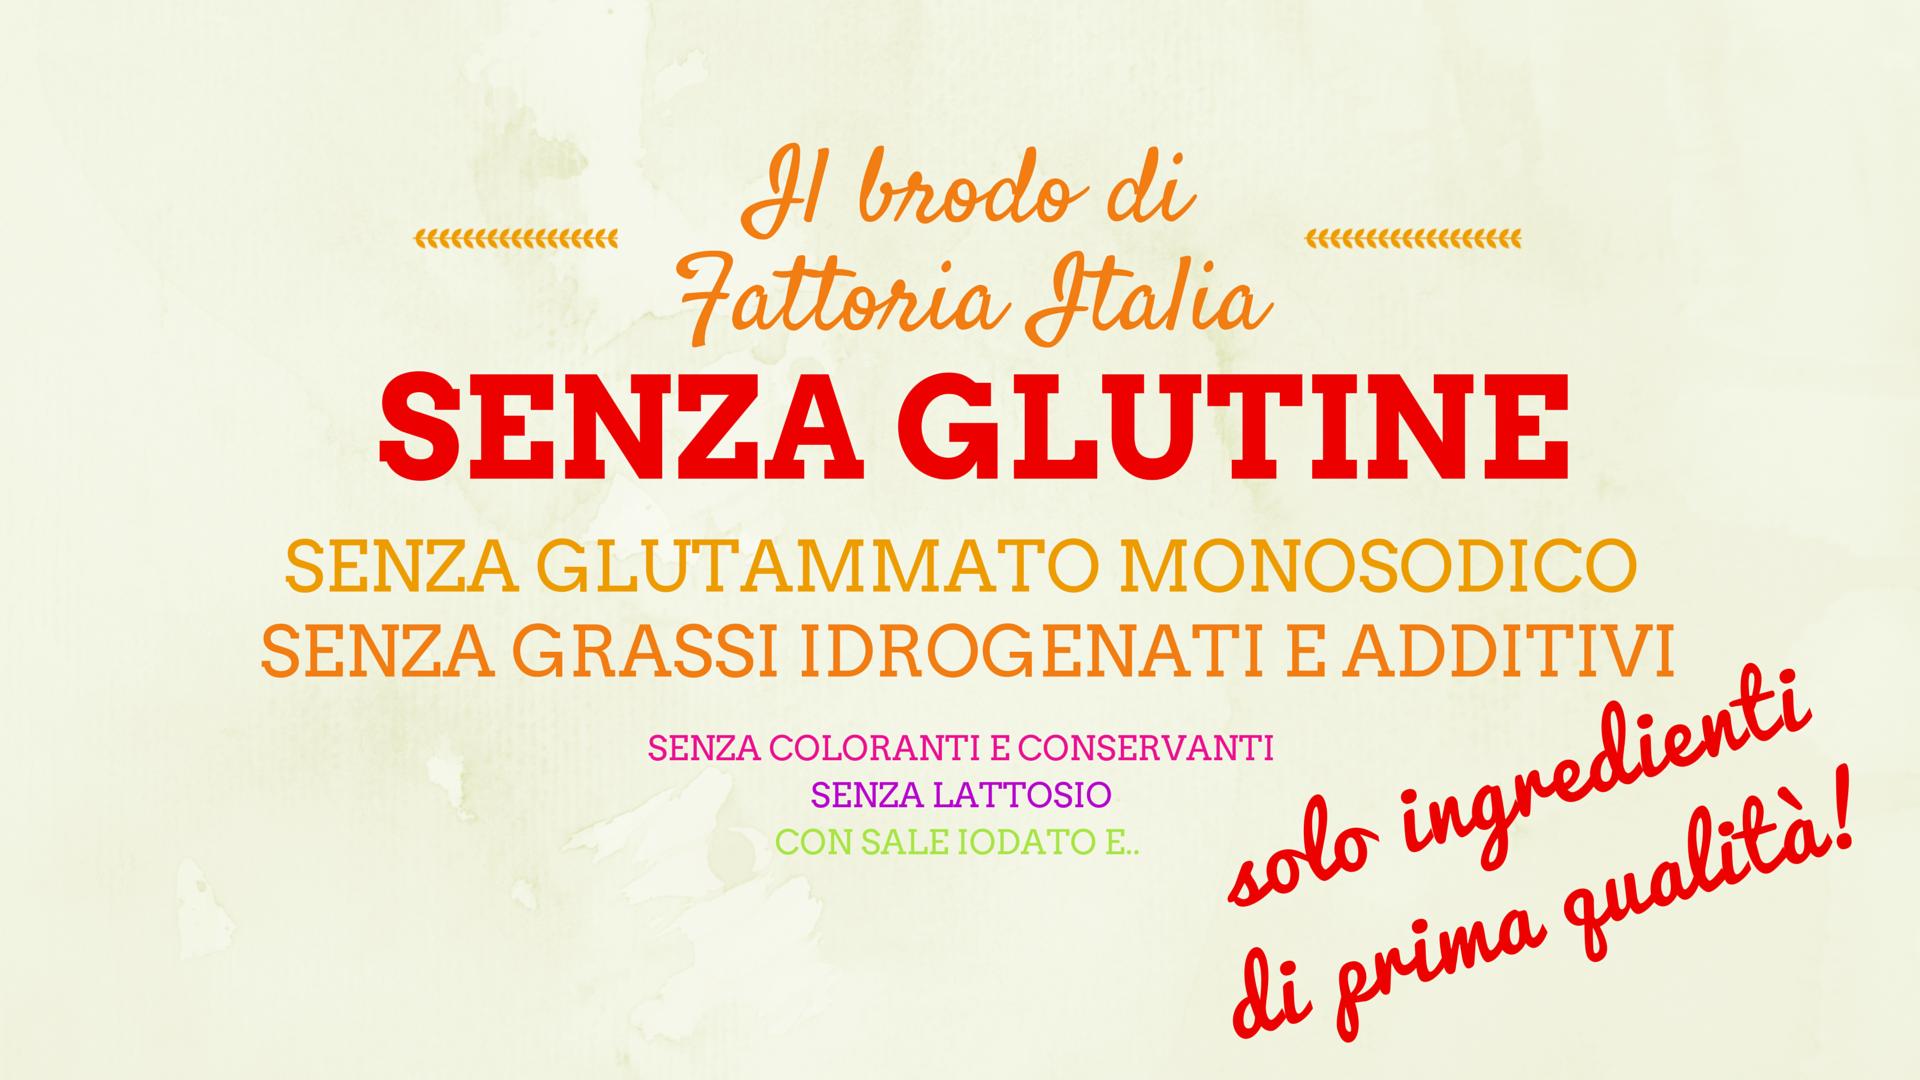 Il brodo di Fattoria Italia: solo ingredienti di prima qualità!